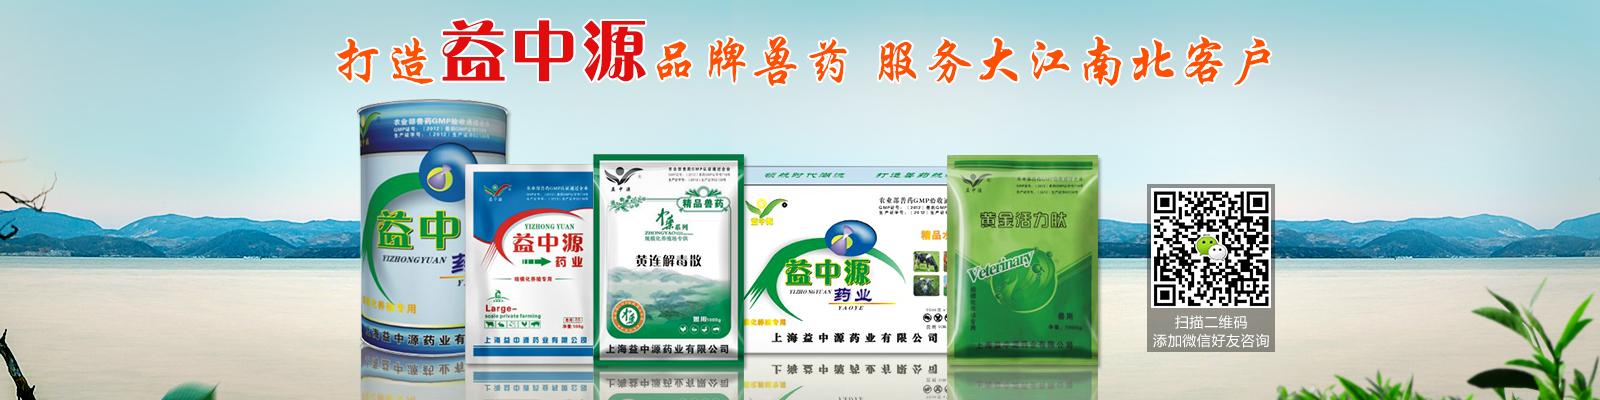 上海益中源药业有限公司